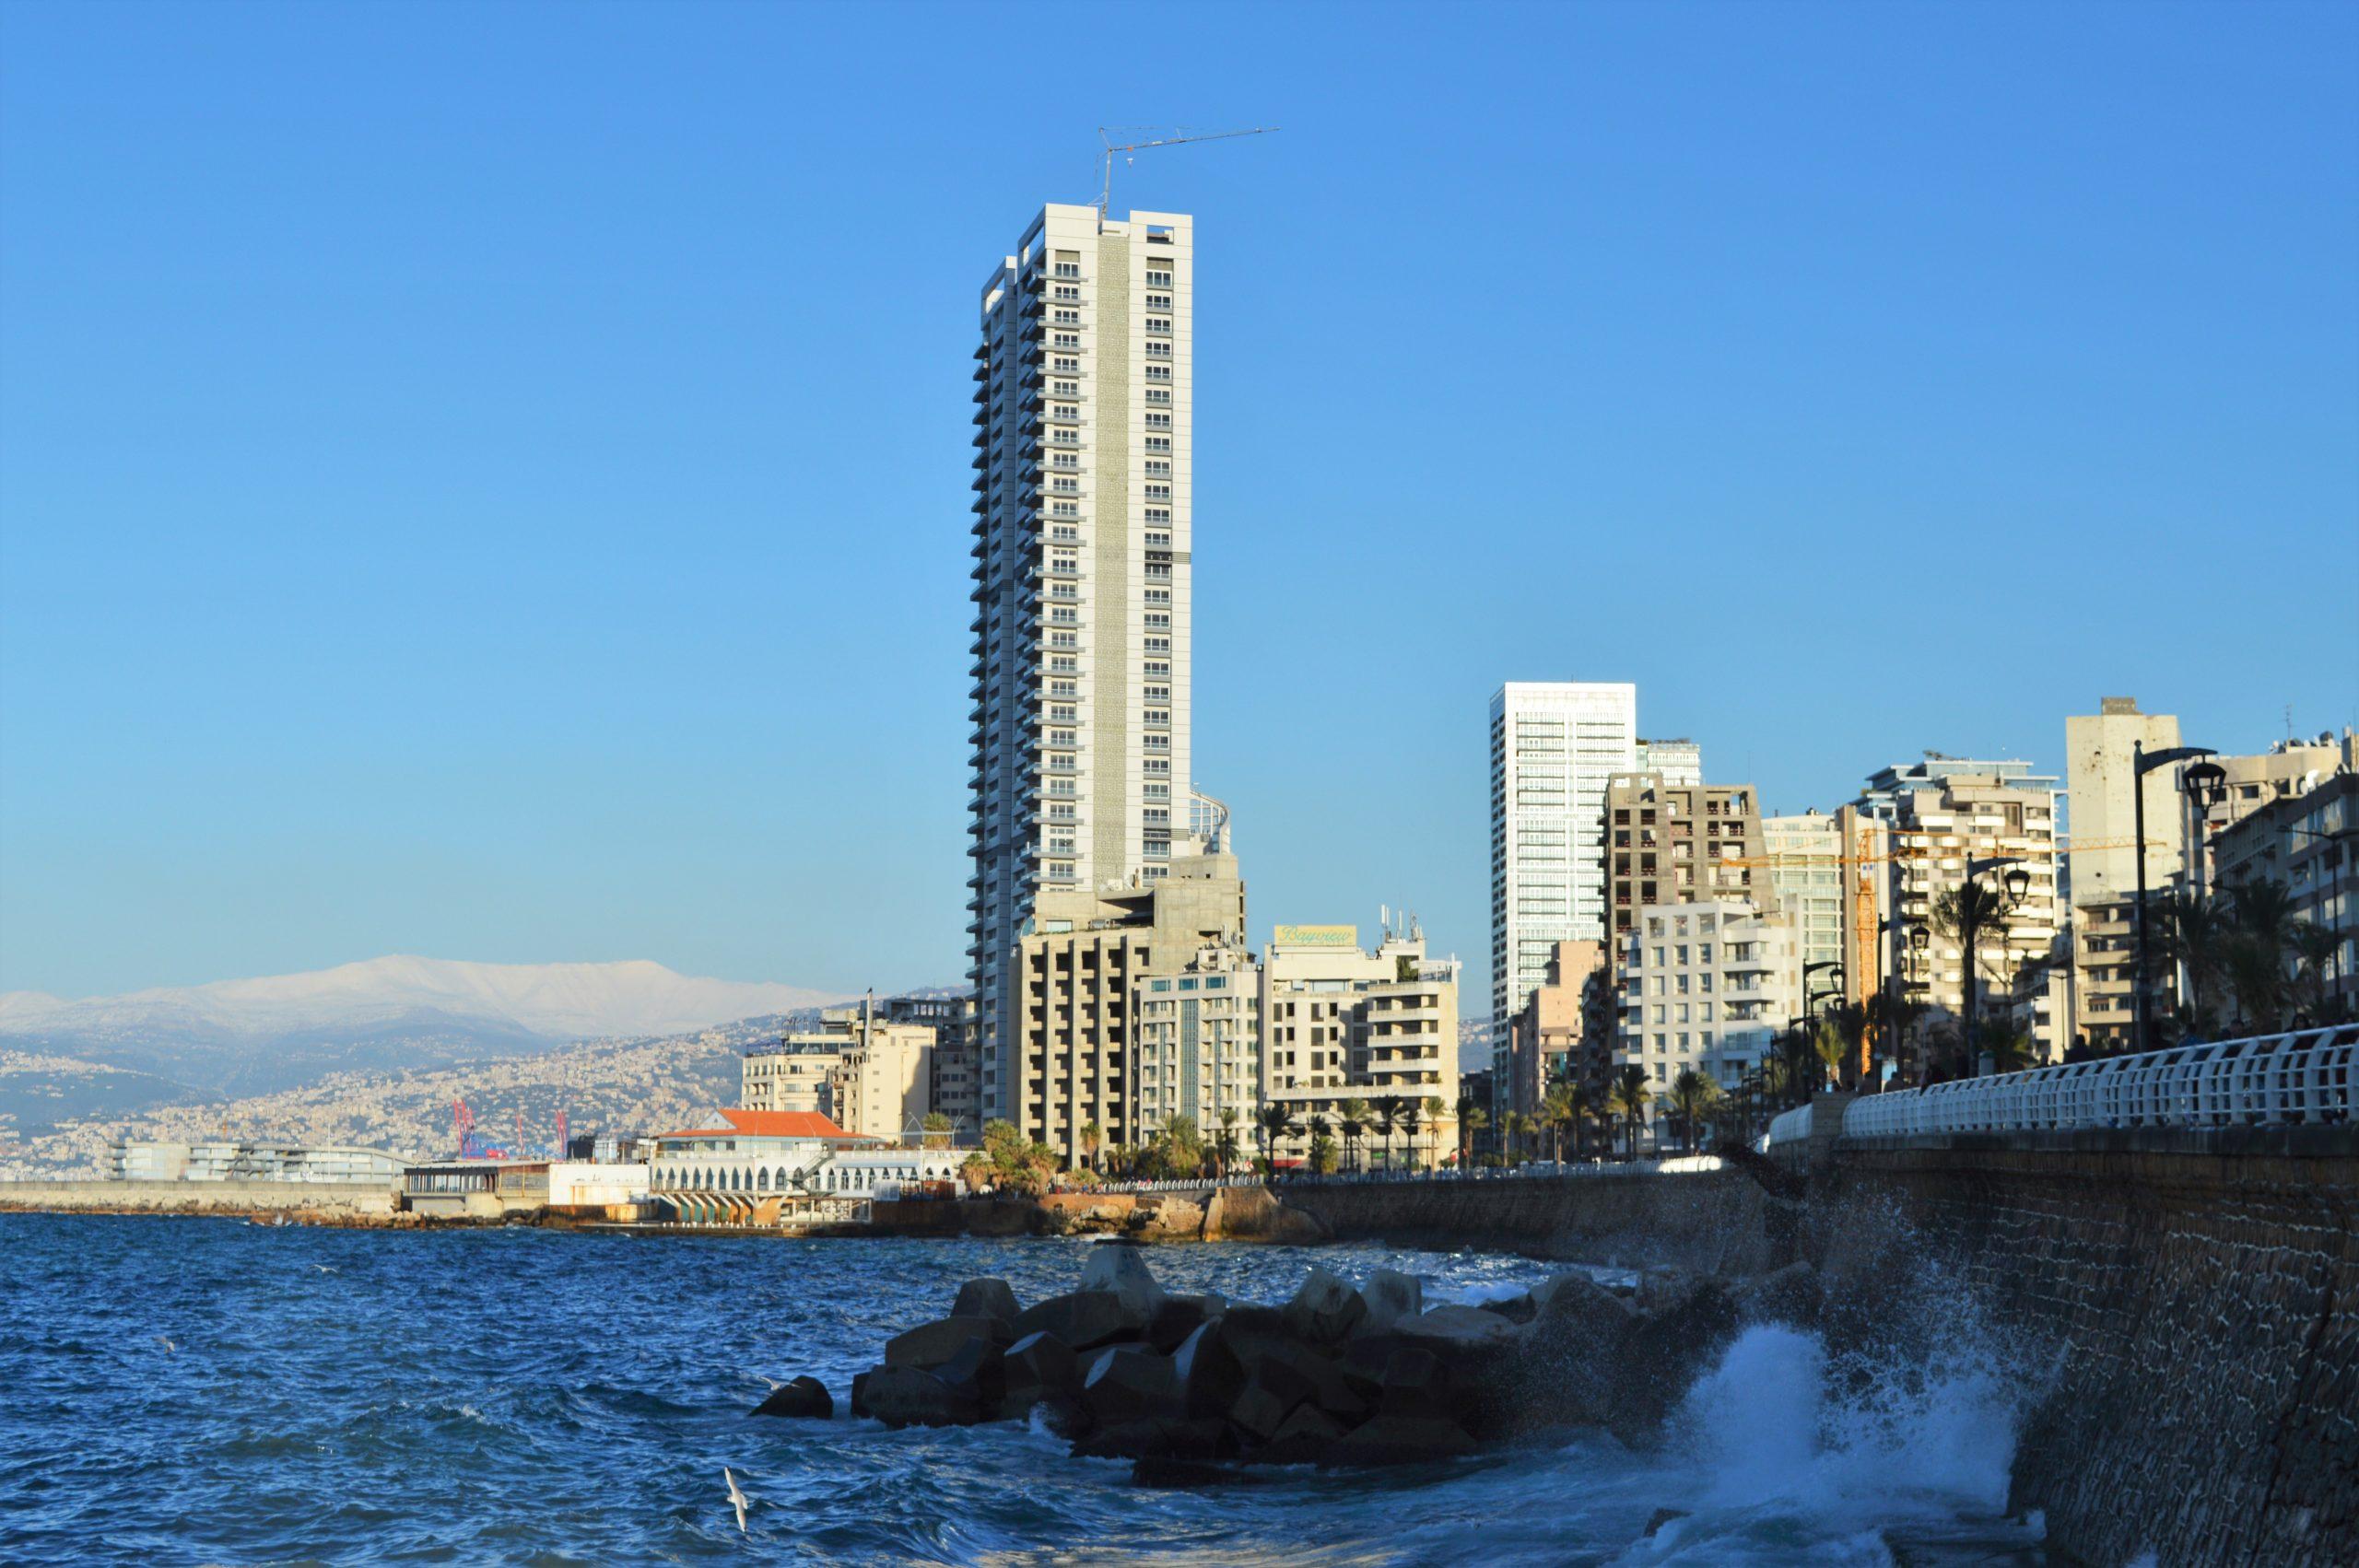 Beirutin rantabulevardi, jossa näkyy korkeita rakennuksia taustalla, ja aallot edustalla.